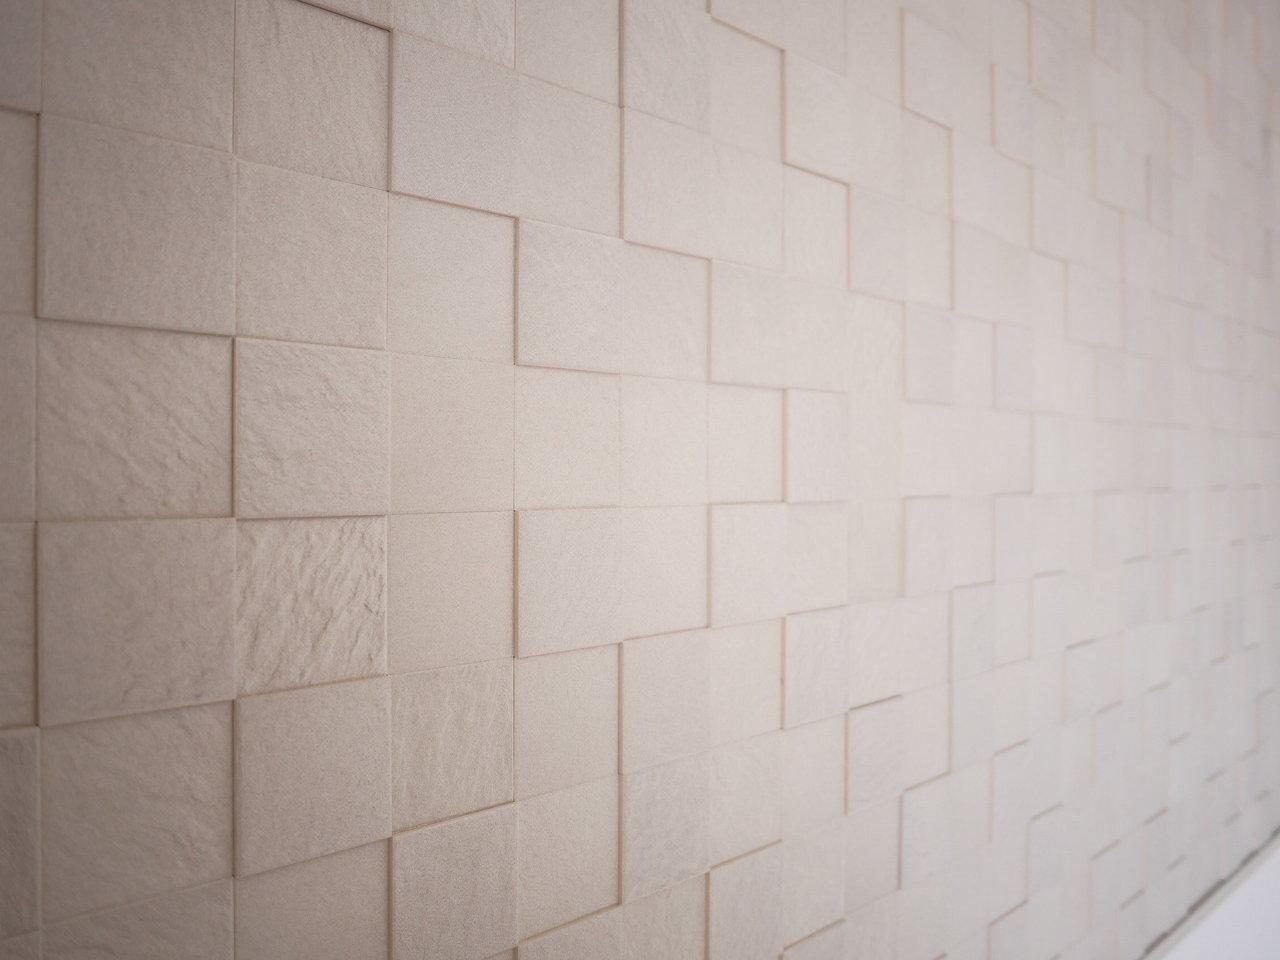 リビングには、調質機能がある壁材の「エコカラット」が。機能性も高いのに、インテリアとしても素敵な、うれしい設備。